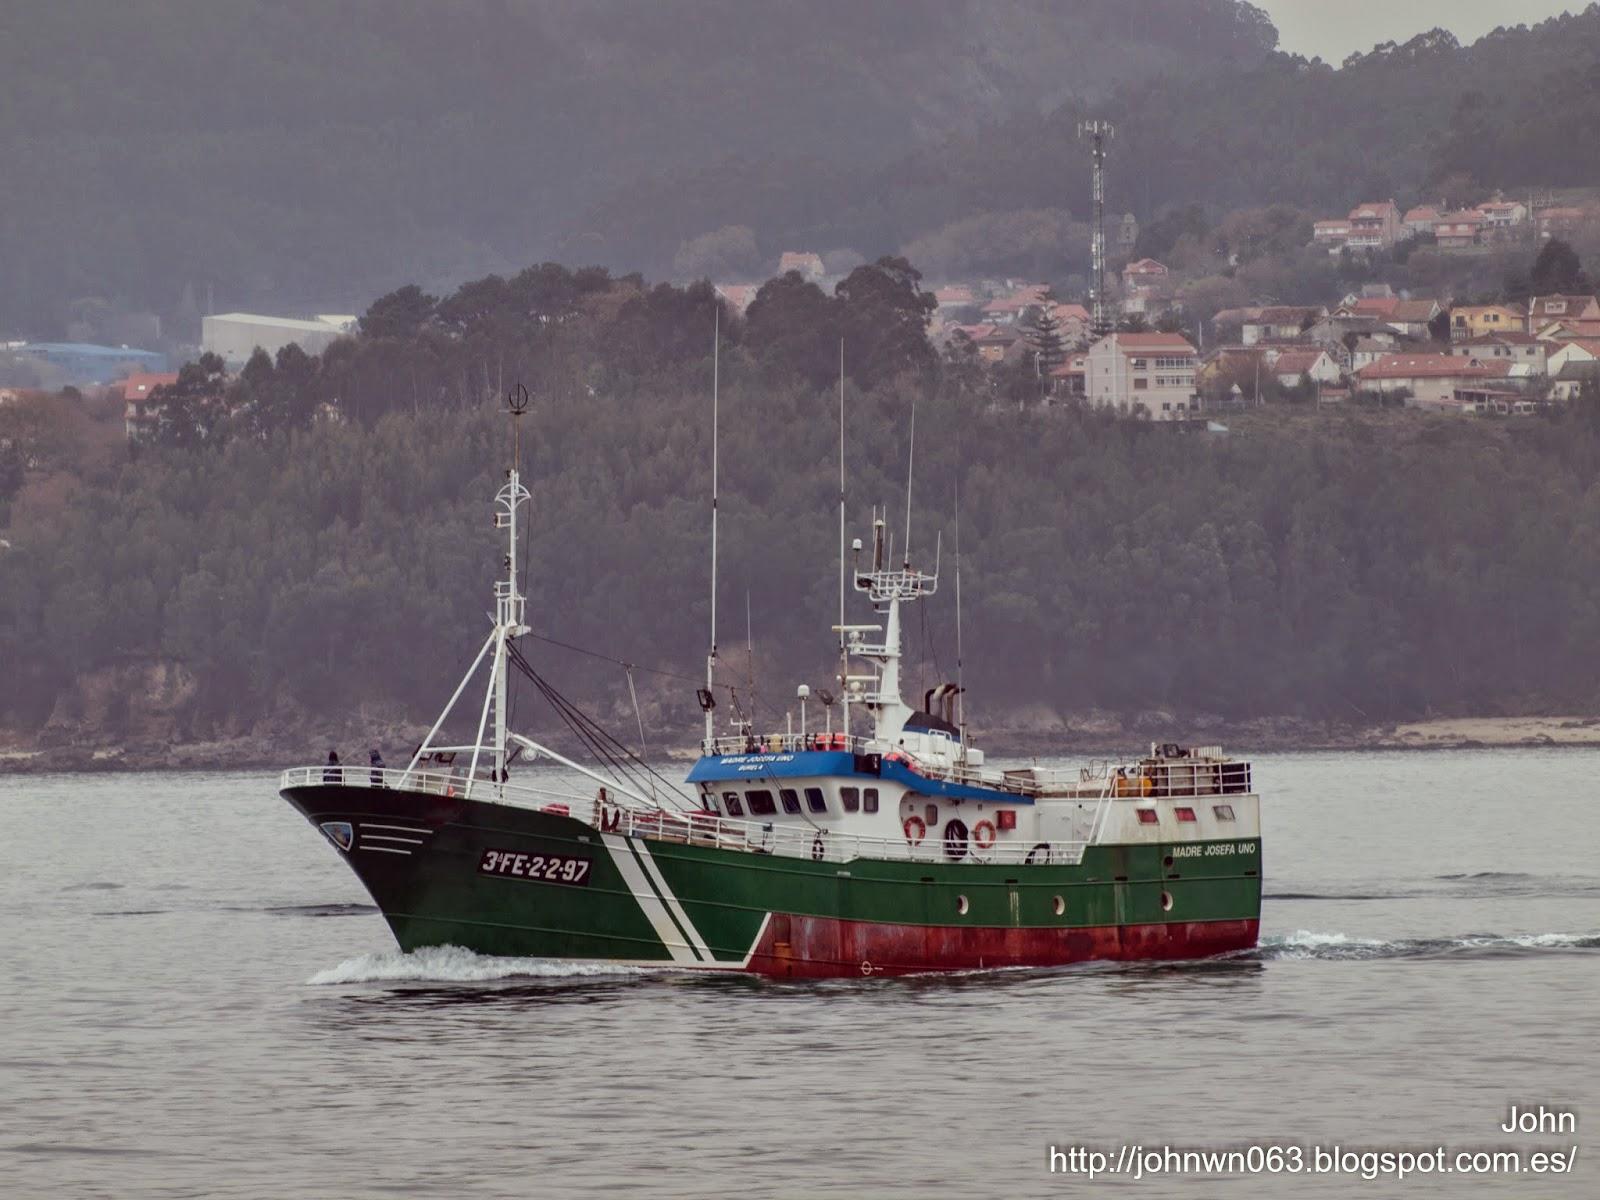 fotos de barcos, imagenes de barcos, madre josefa uno, burela, palangrero, vigo